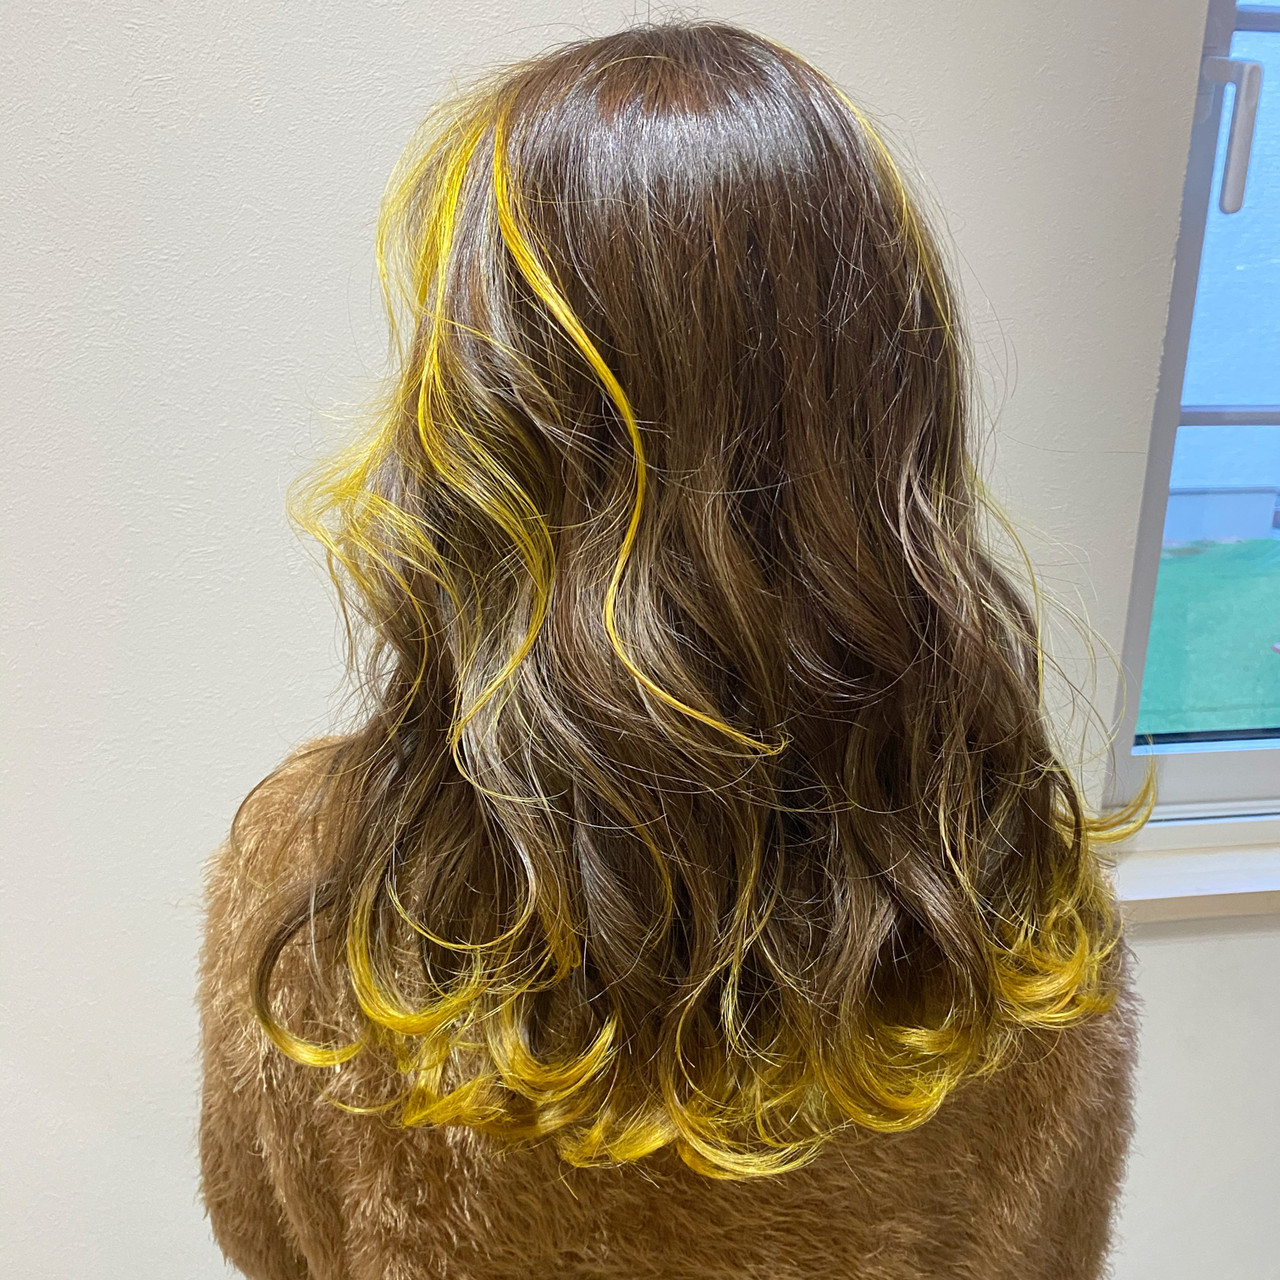 裾カラー フェミニン ロング イエロー ヘアスタイルや髪型の写真・画像